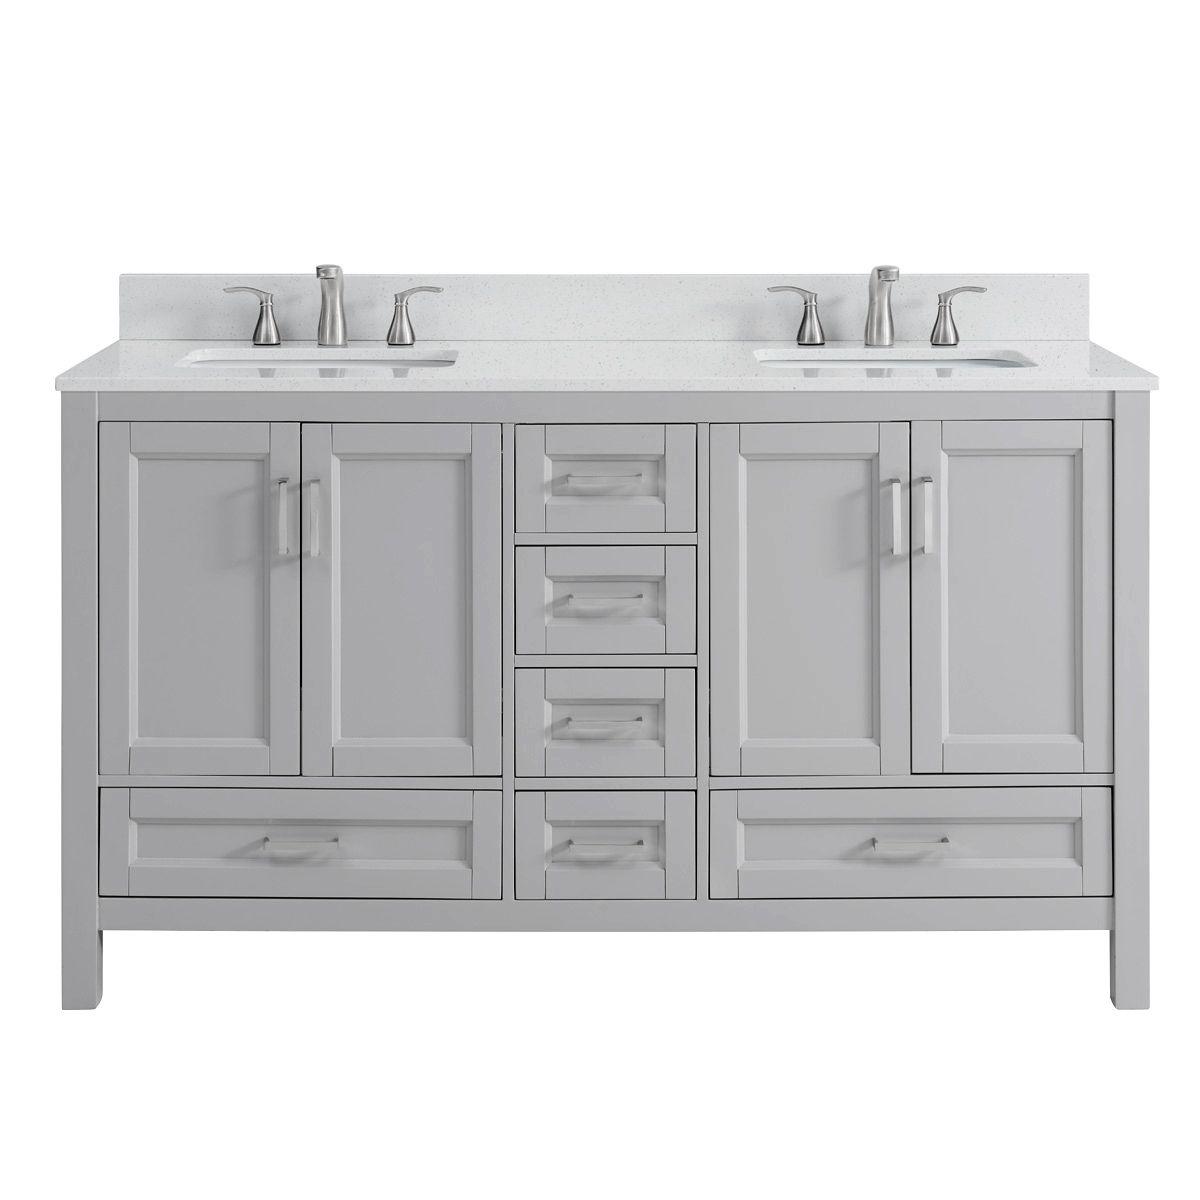 Lowes Vanity Configurator Bathroom Sink Vanity Double Sink